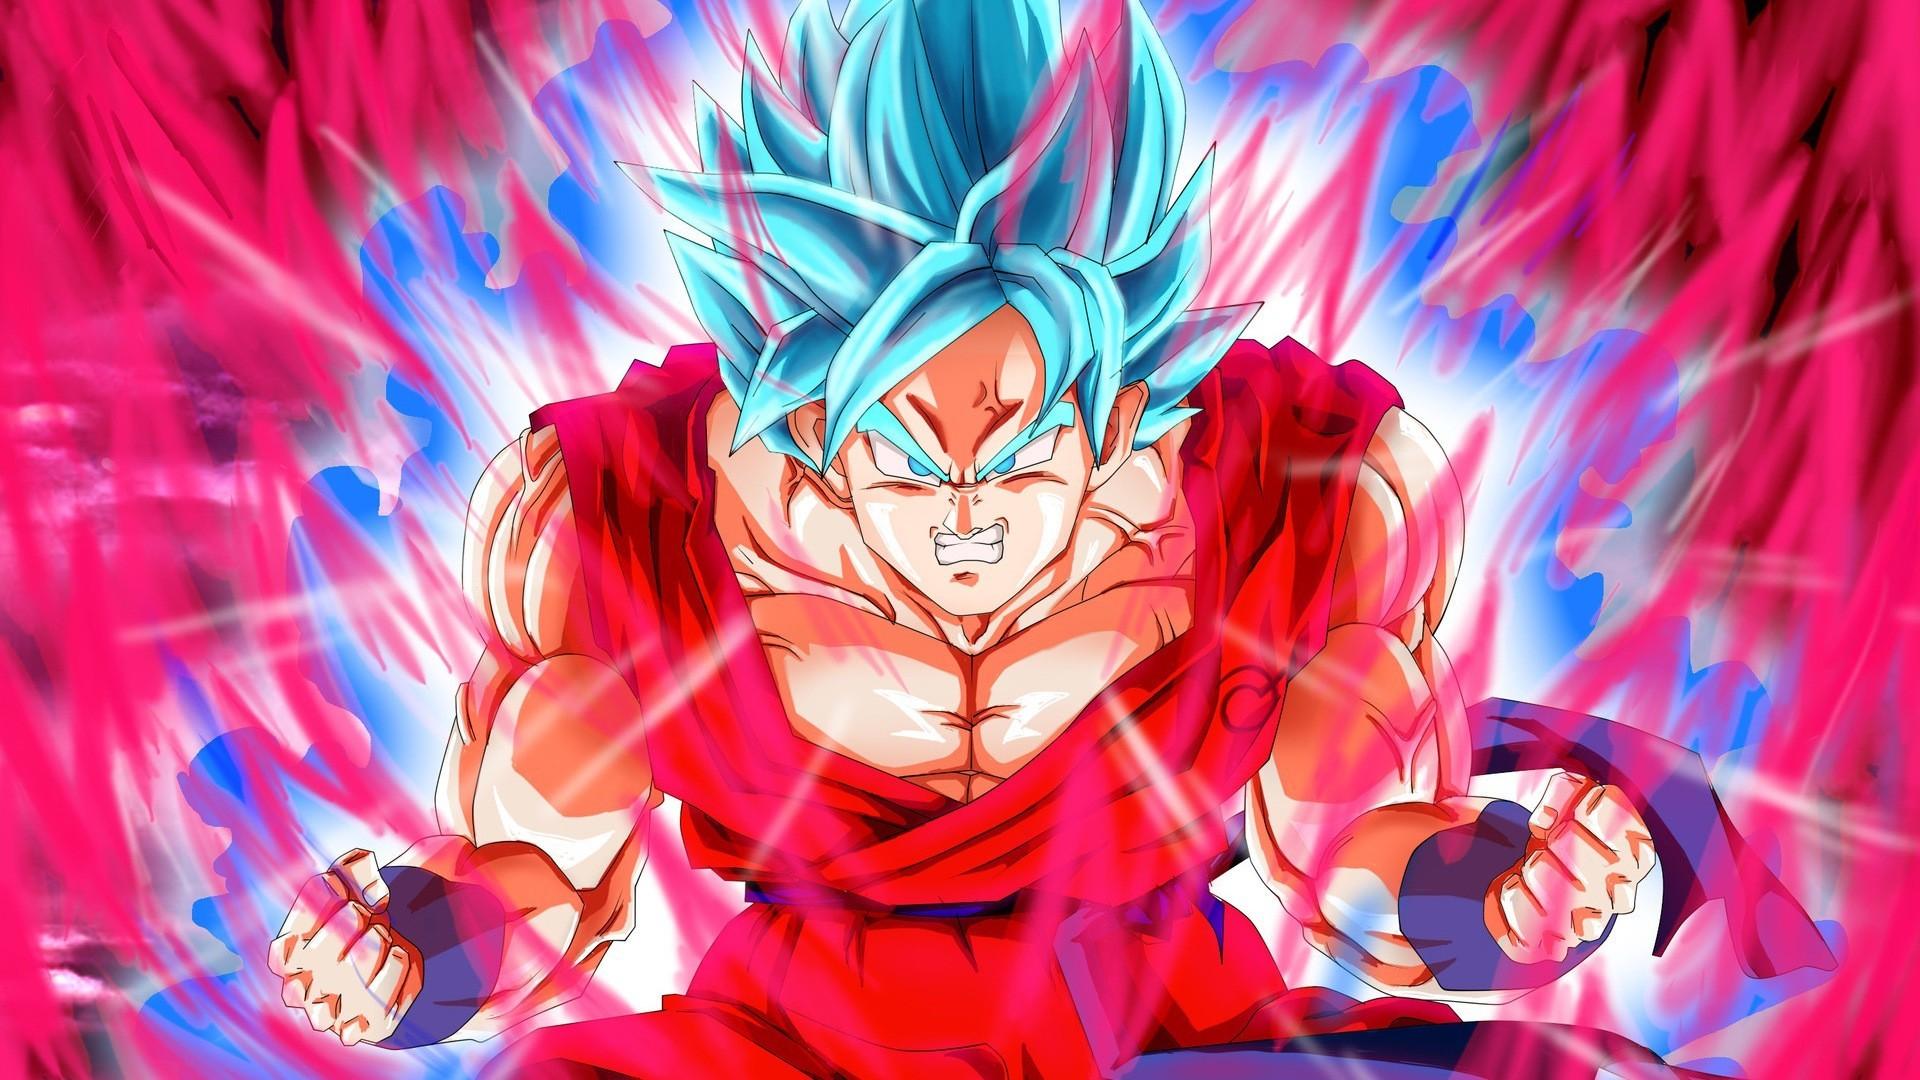 Goku Wallpaper (66+ images)